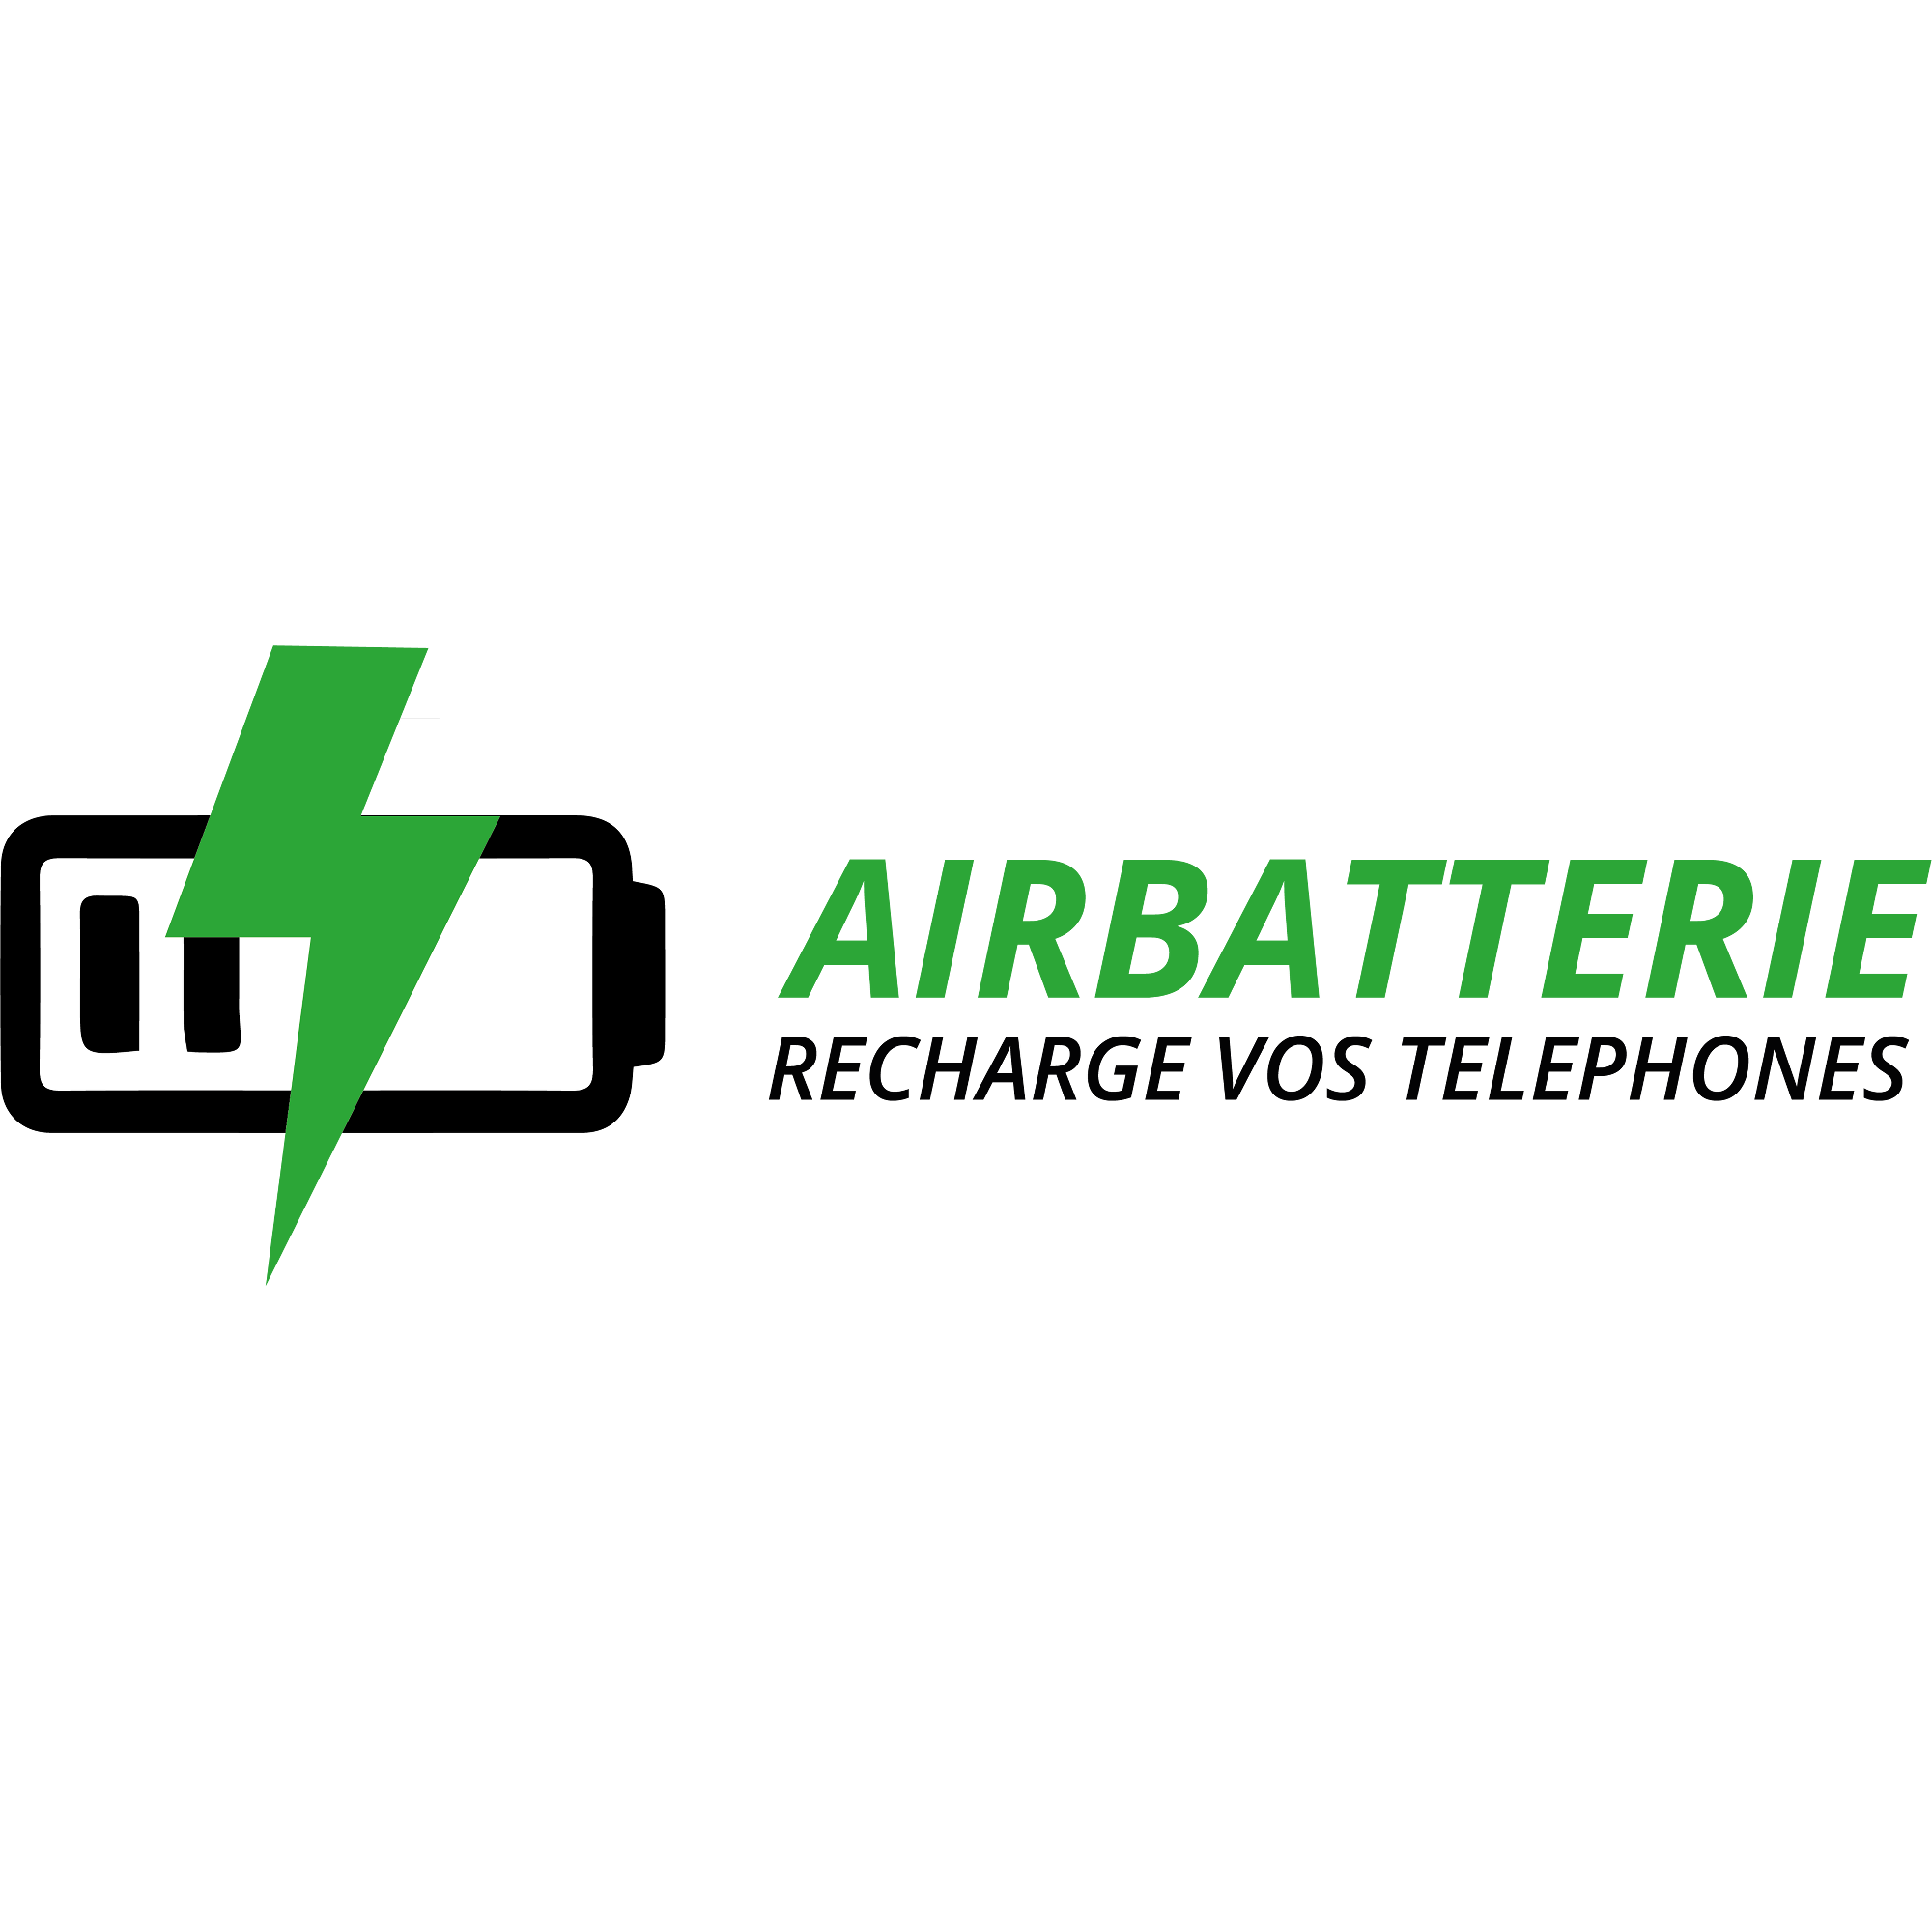 AirBatterie